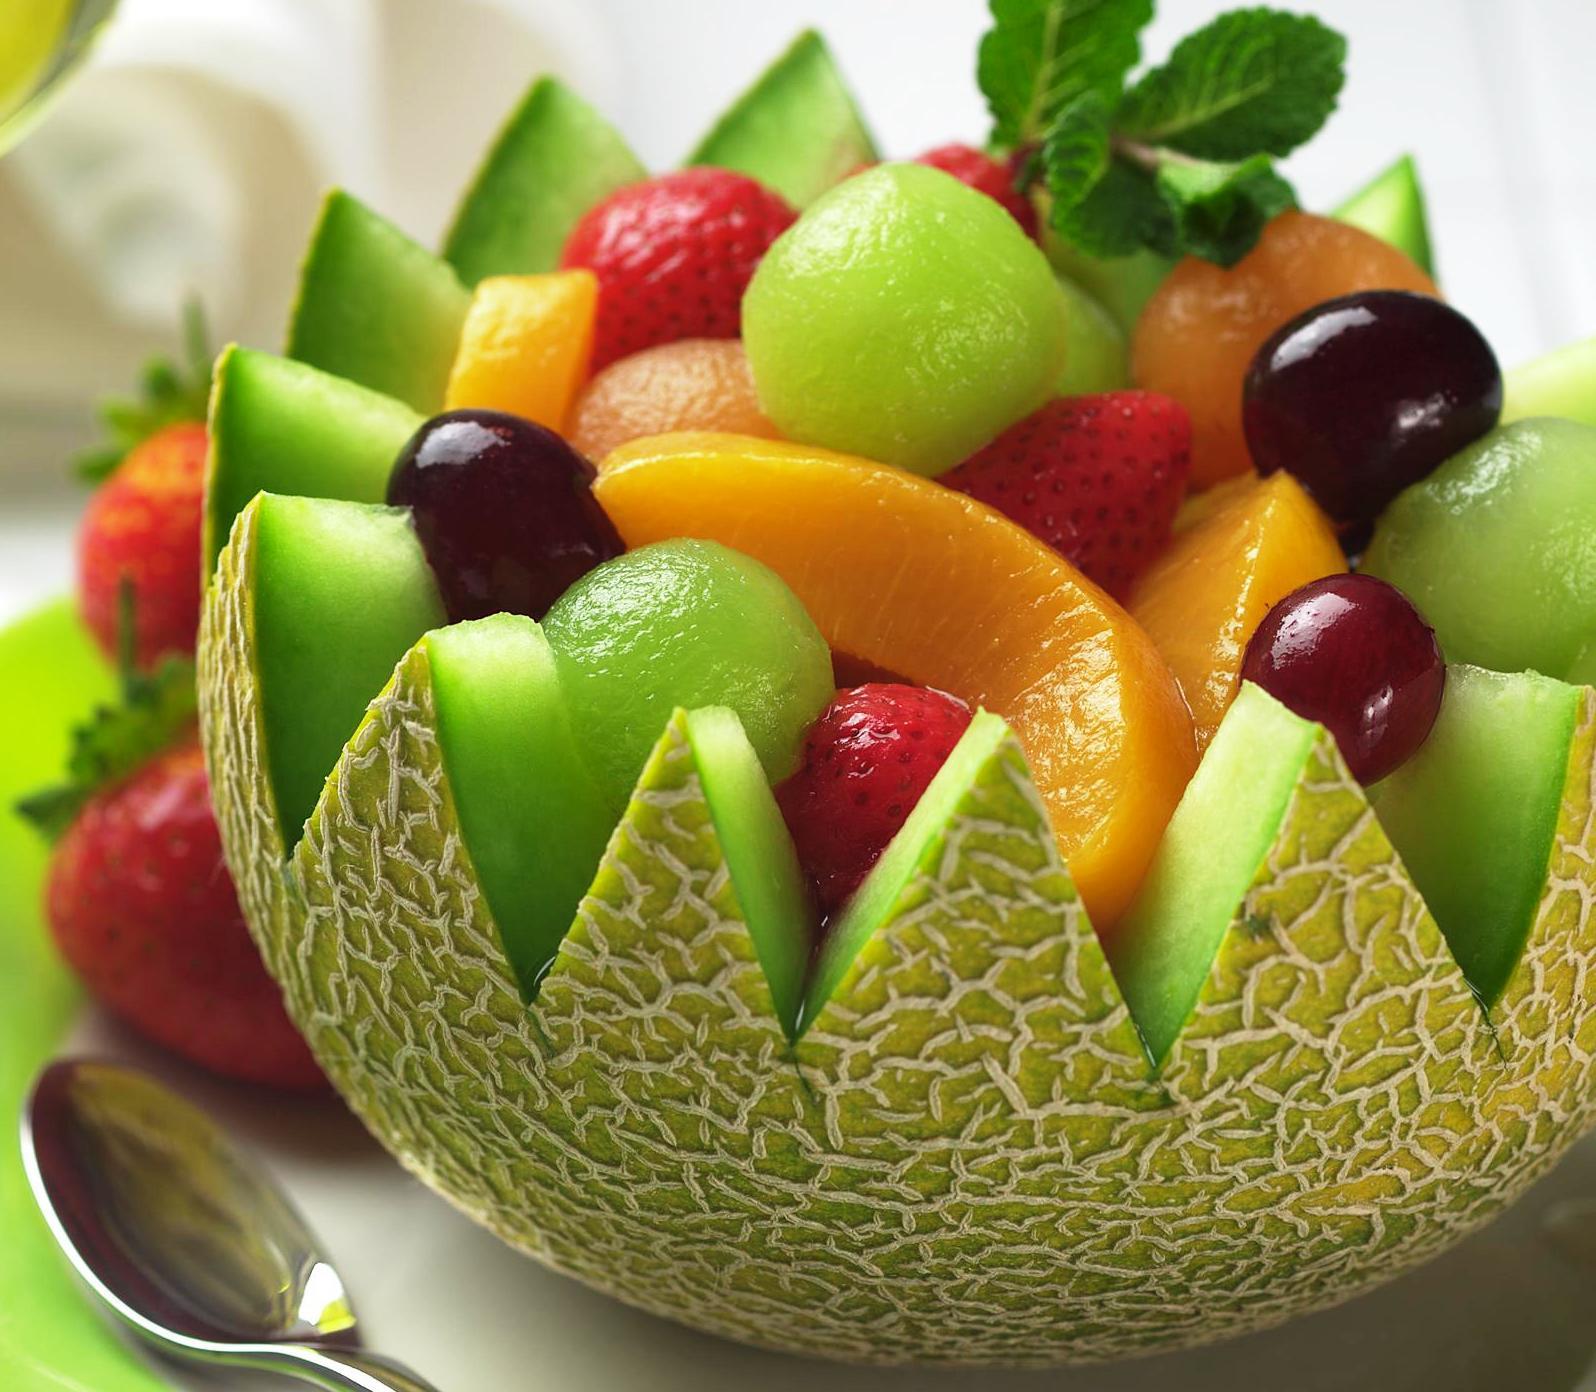 Aunt Shirleys tropic-Tang Fruit Salad Recipe - Genius Kitchen Fruit salad decoration photos